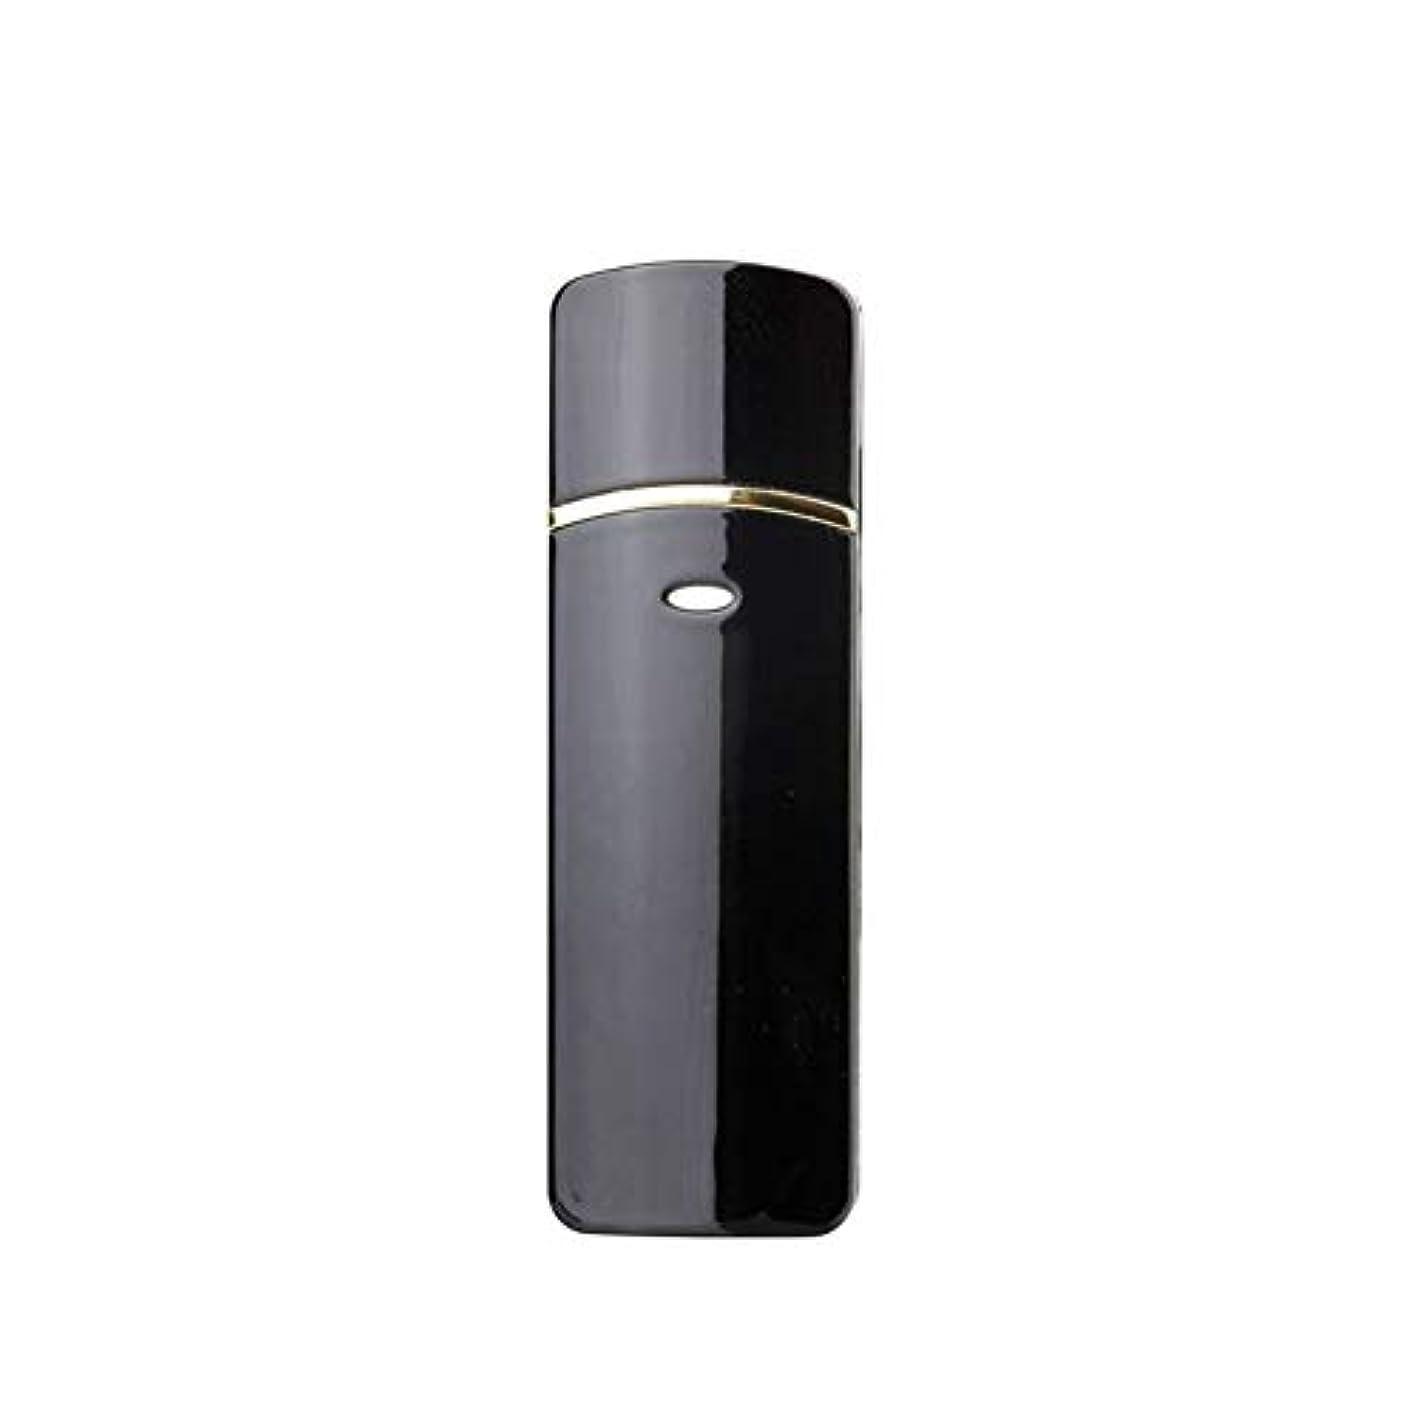 工夫する不一致書士顔のスプレーヤー加湿器美容保湿ミニ顔ミスト霧化まつげエクステンションUSB充電式コールドスプレー (Color : Black)